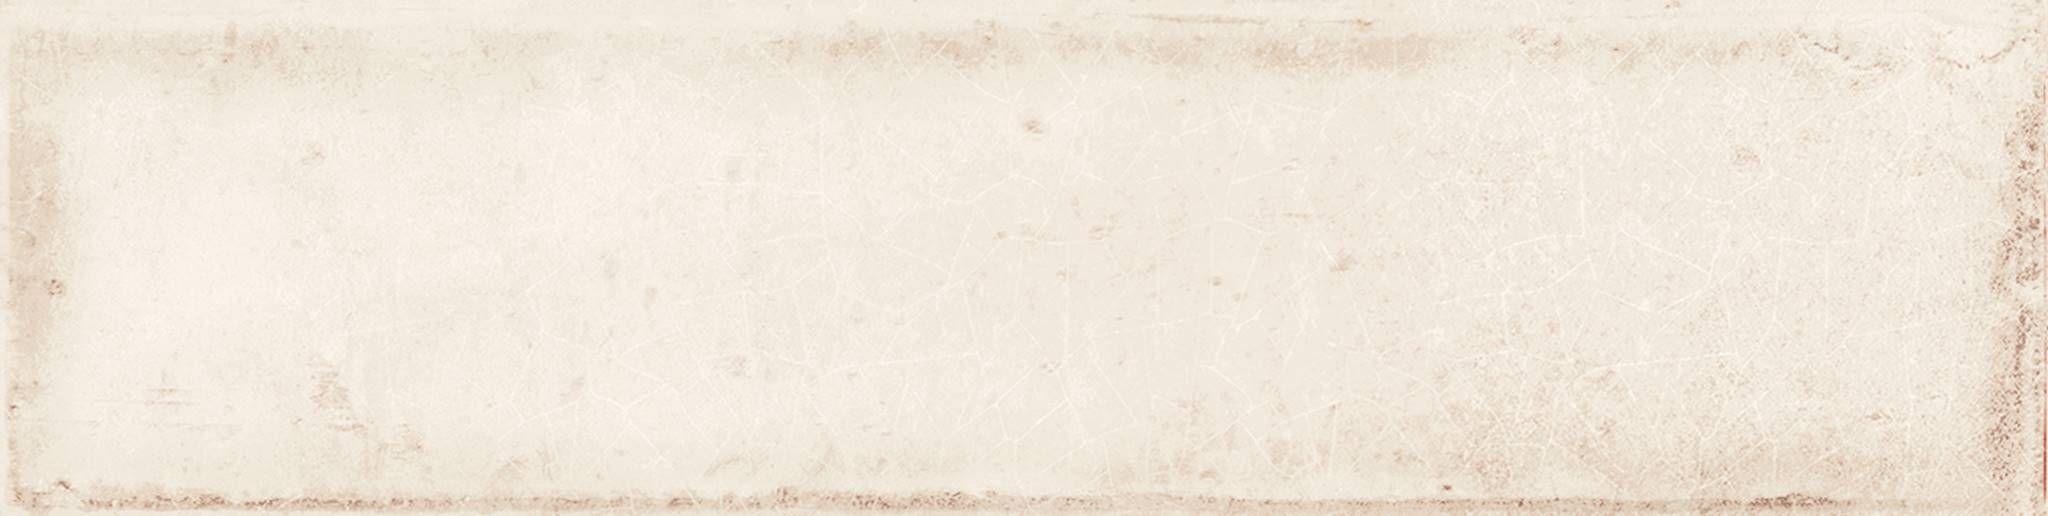 Alchimia Ivory 7,5×30